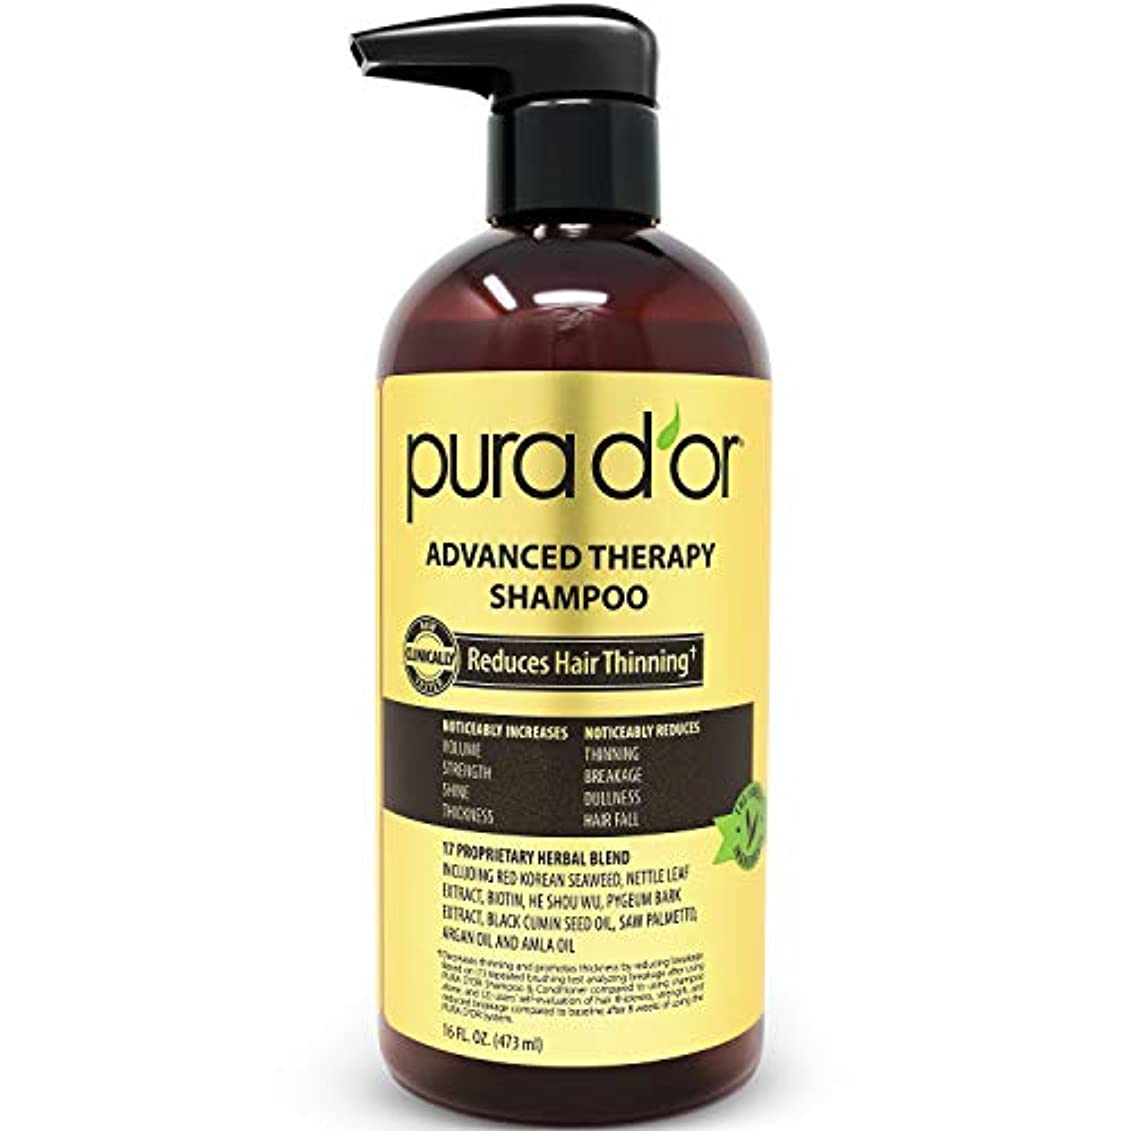 血まみれ買い手カリングPURA D'OR 高度セラピーシャンプー 薄毛を改善し、髪にボリュームを、硫酸塩フリー、アルガンオイル&アロエベラ&ビオチン配合、すべてのヘアタイプに、男性&女性、473ml(16液量オンス) 473ml(16 液量オンス)